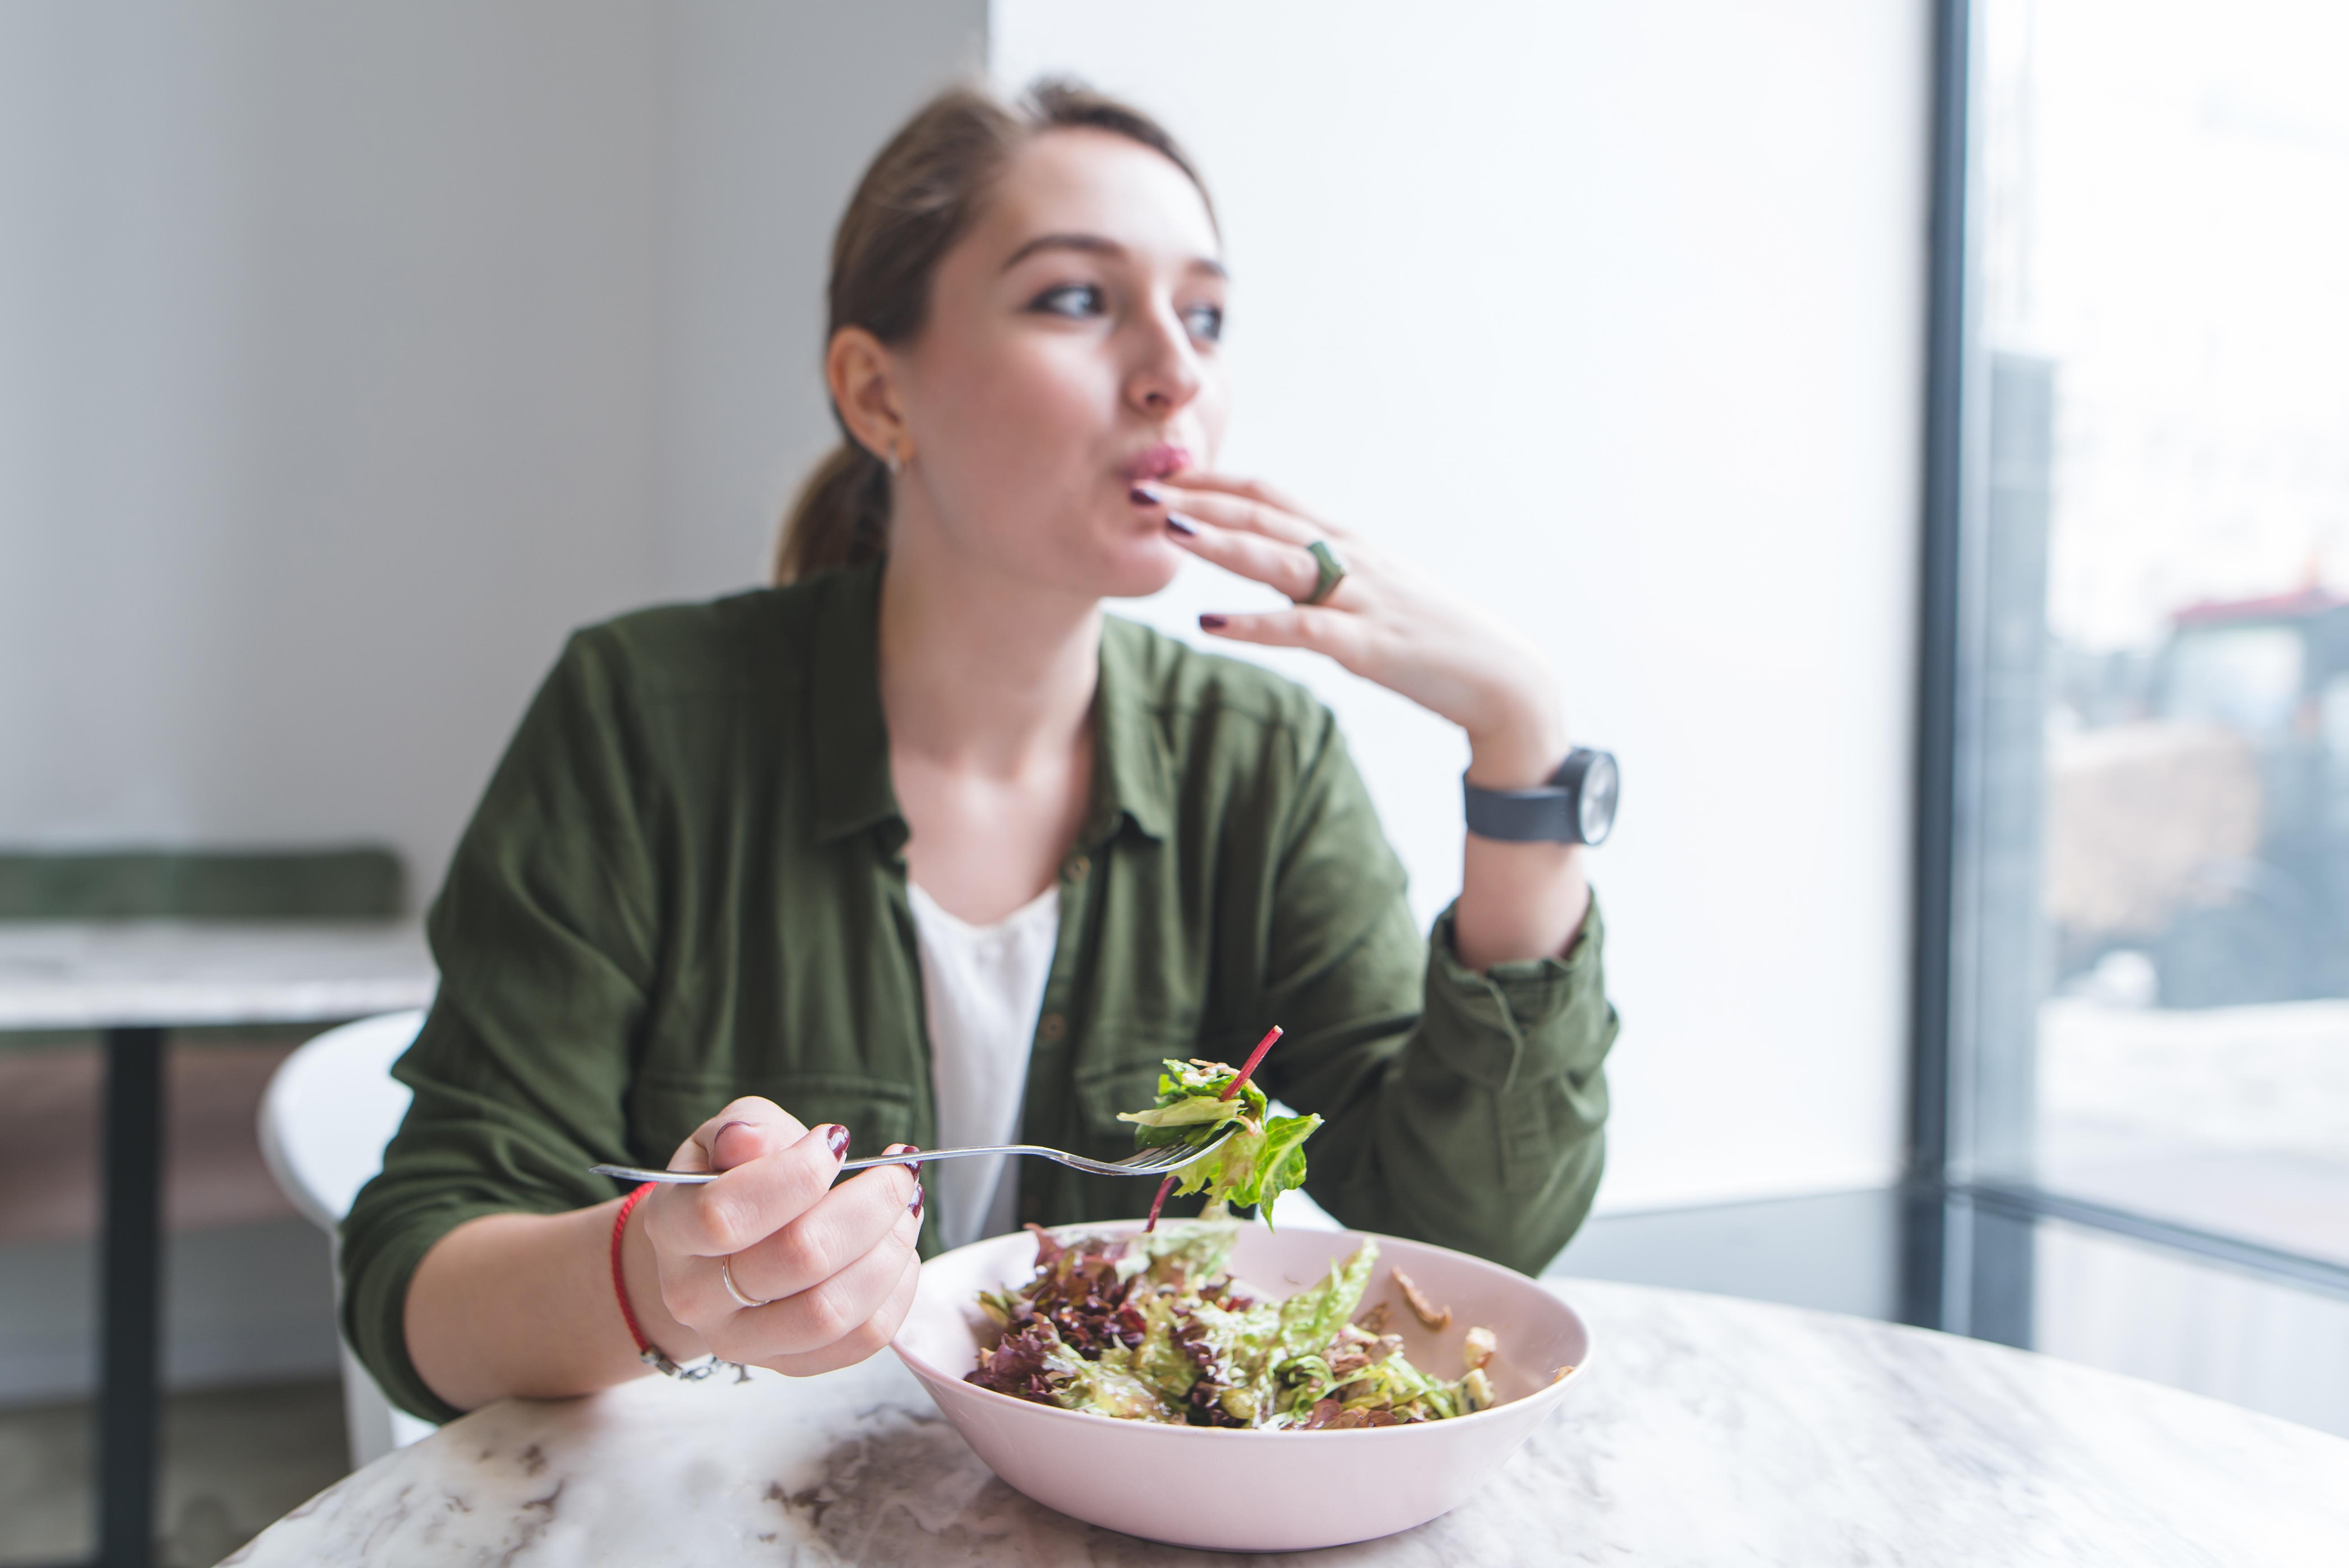 Det finns över 200.000 publicerade epidemiologiska studier och interventionsstudier som undersökt effekten av olika kost.